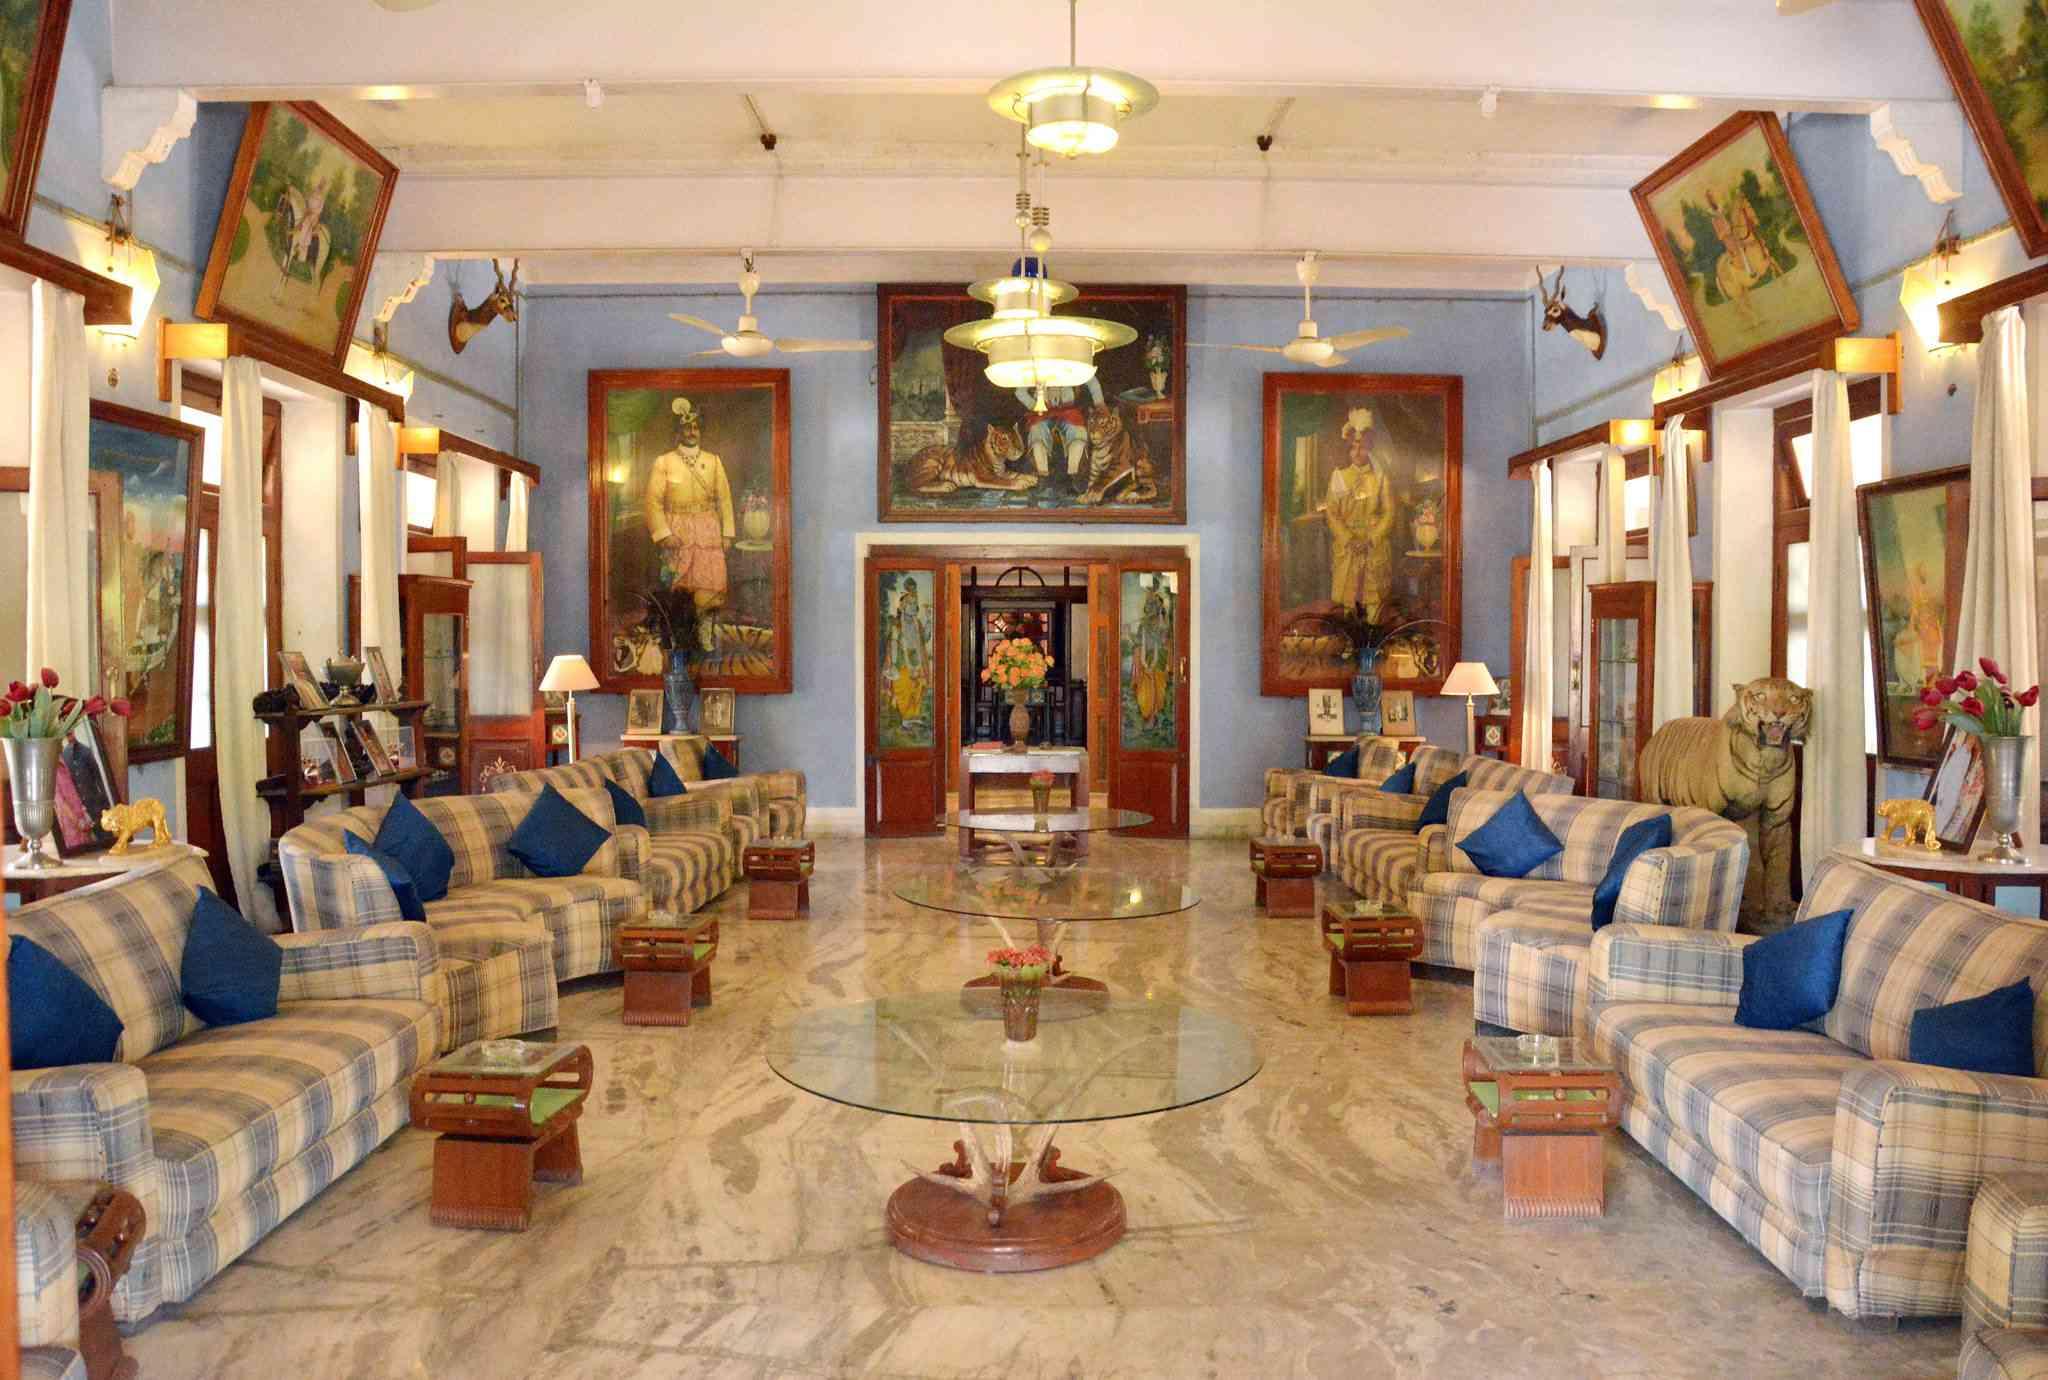 Bhanwar Vilas Palace Old City Palace Karauli